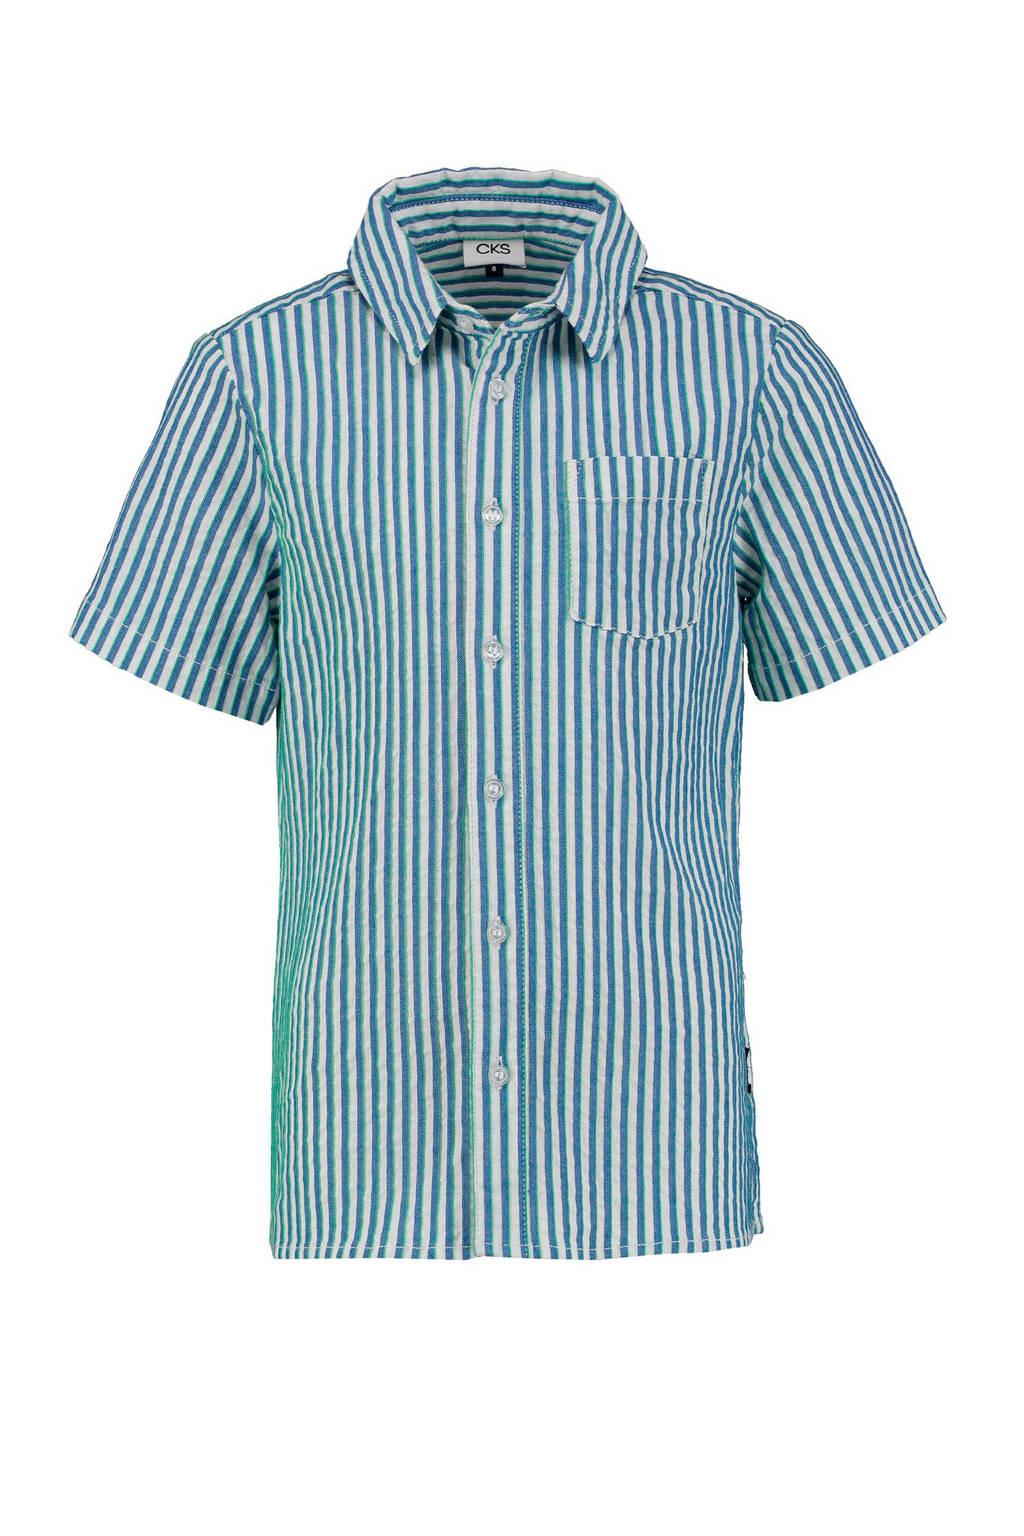 CKS KIDS gestreept overhemd Belias blauw/wit, Blauw/wit